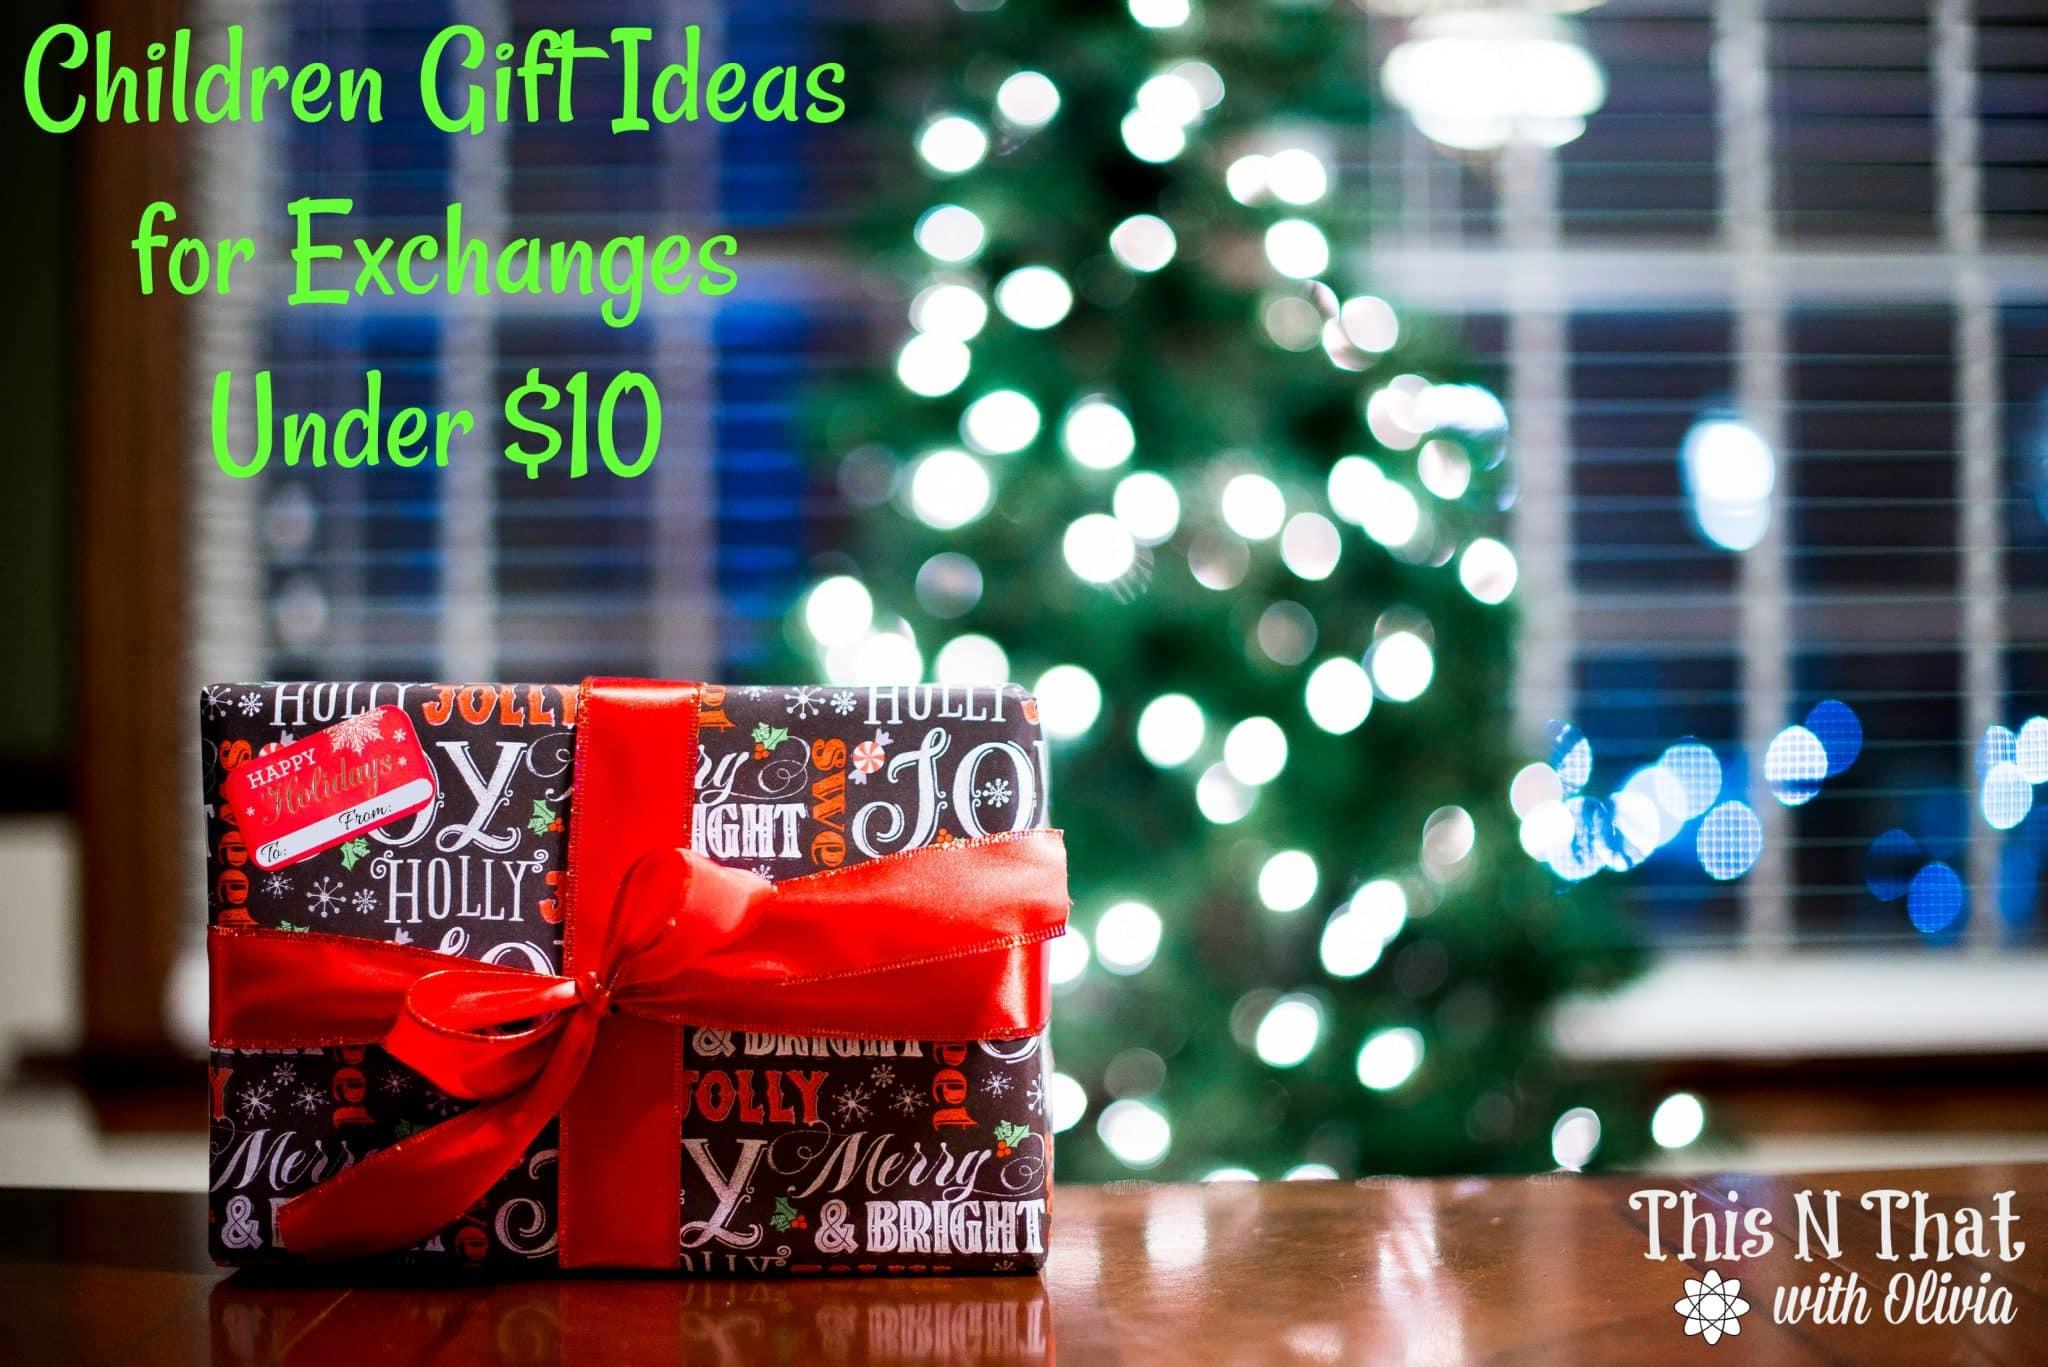 Children Gift Ideas for Exchanges Under $10